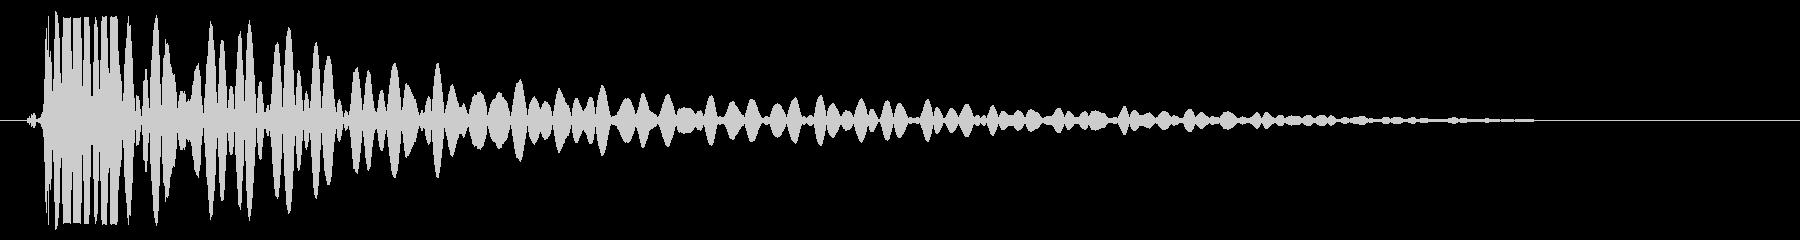 床置きのドラムをたたく音の未再生の波形